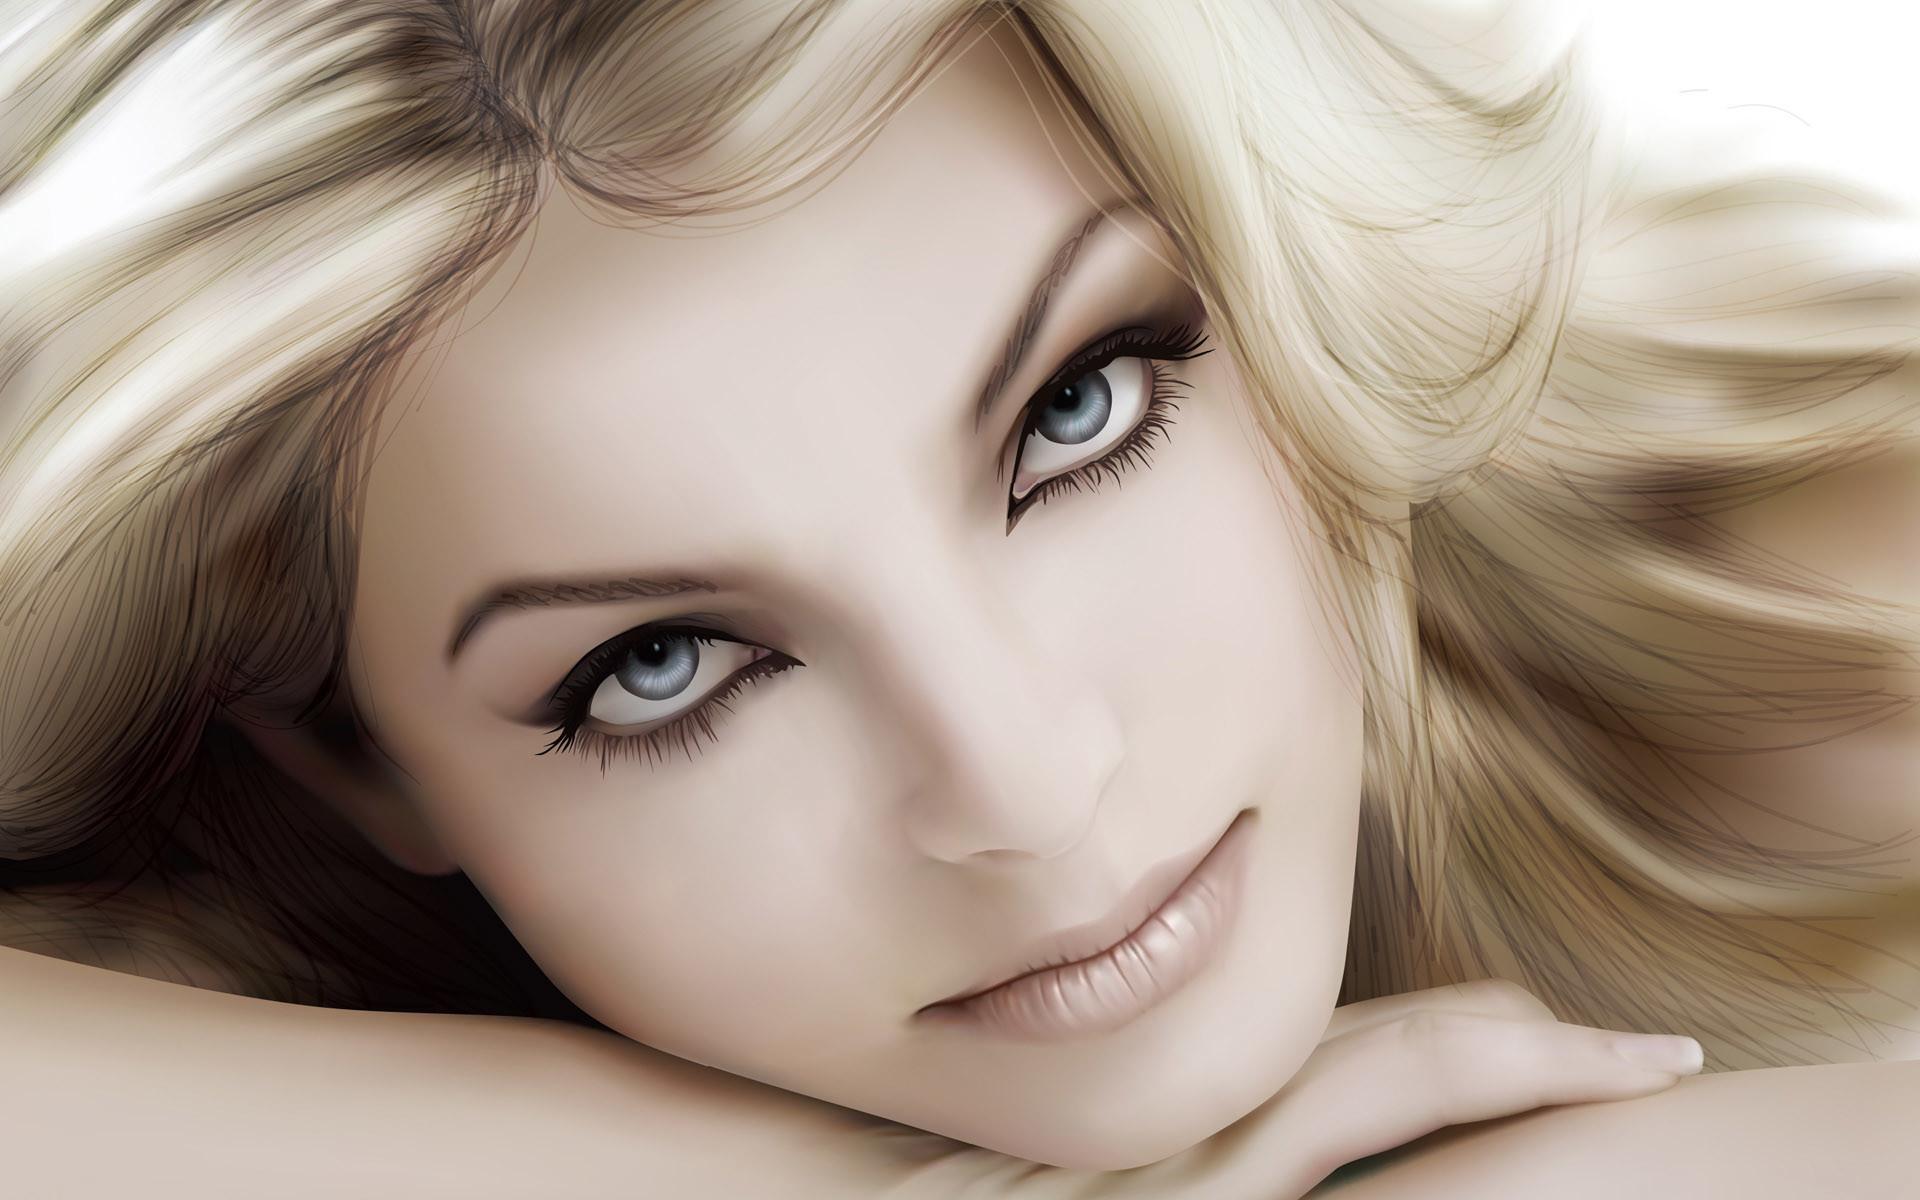 wallpaperstock.net/beautiful-face_wallpapers_10177_1920x1200.jpg